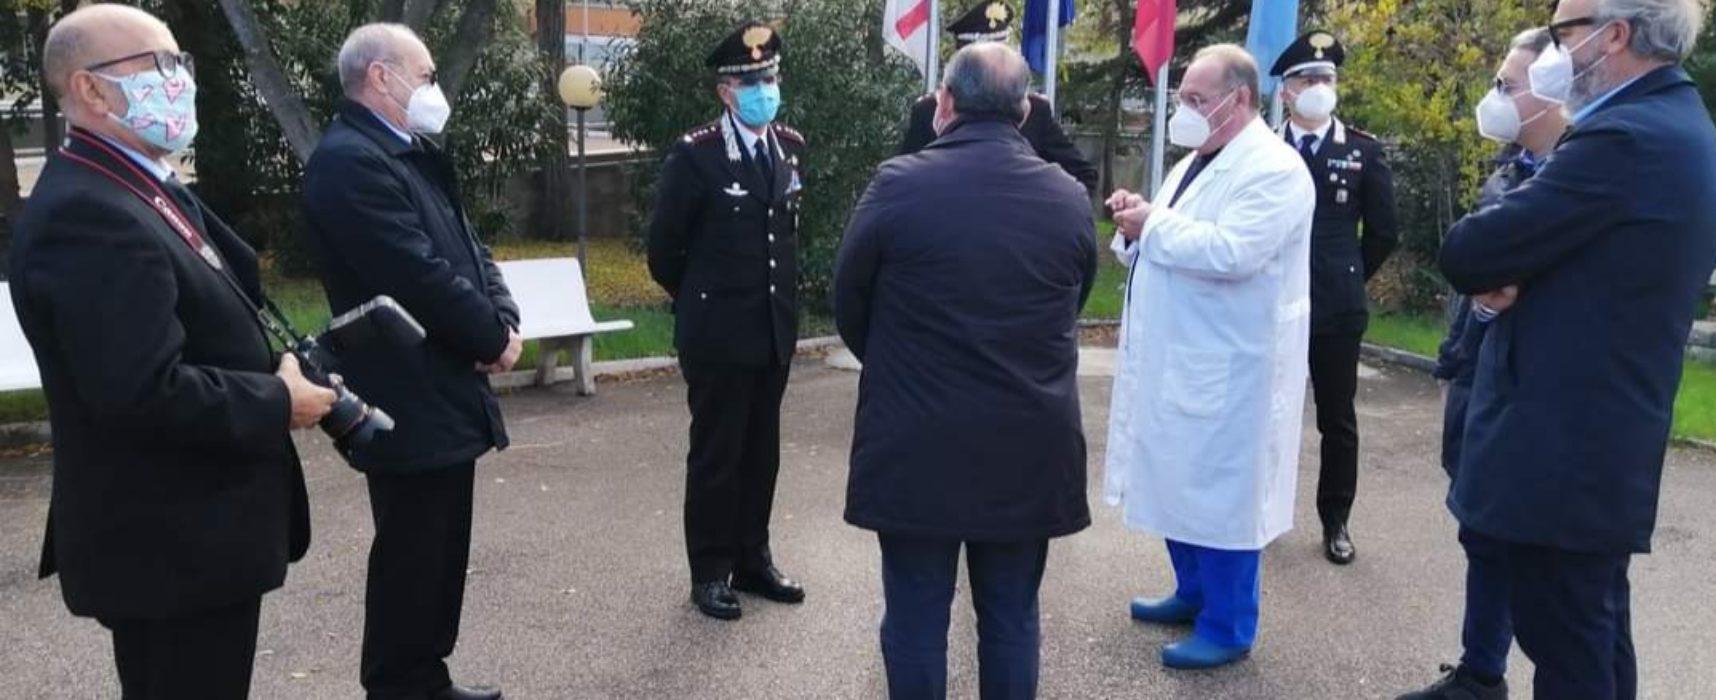 Carabinieri e Comitato de Trizio donano dispositivi di protezione a operatori sanitari